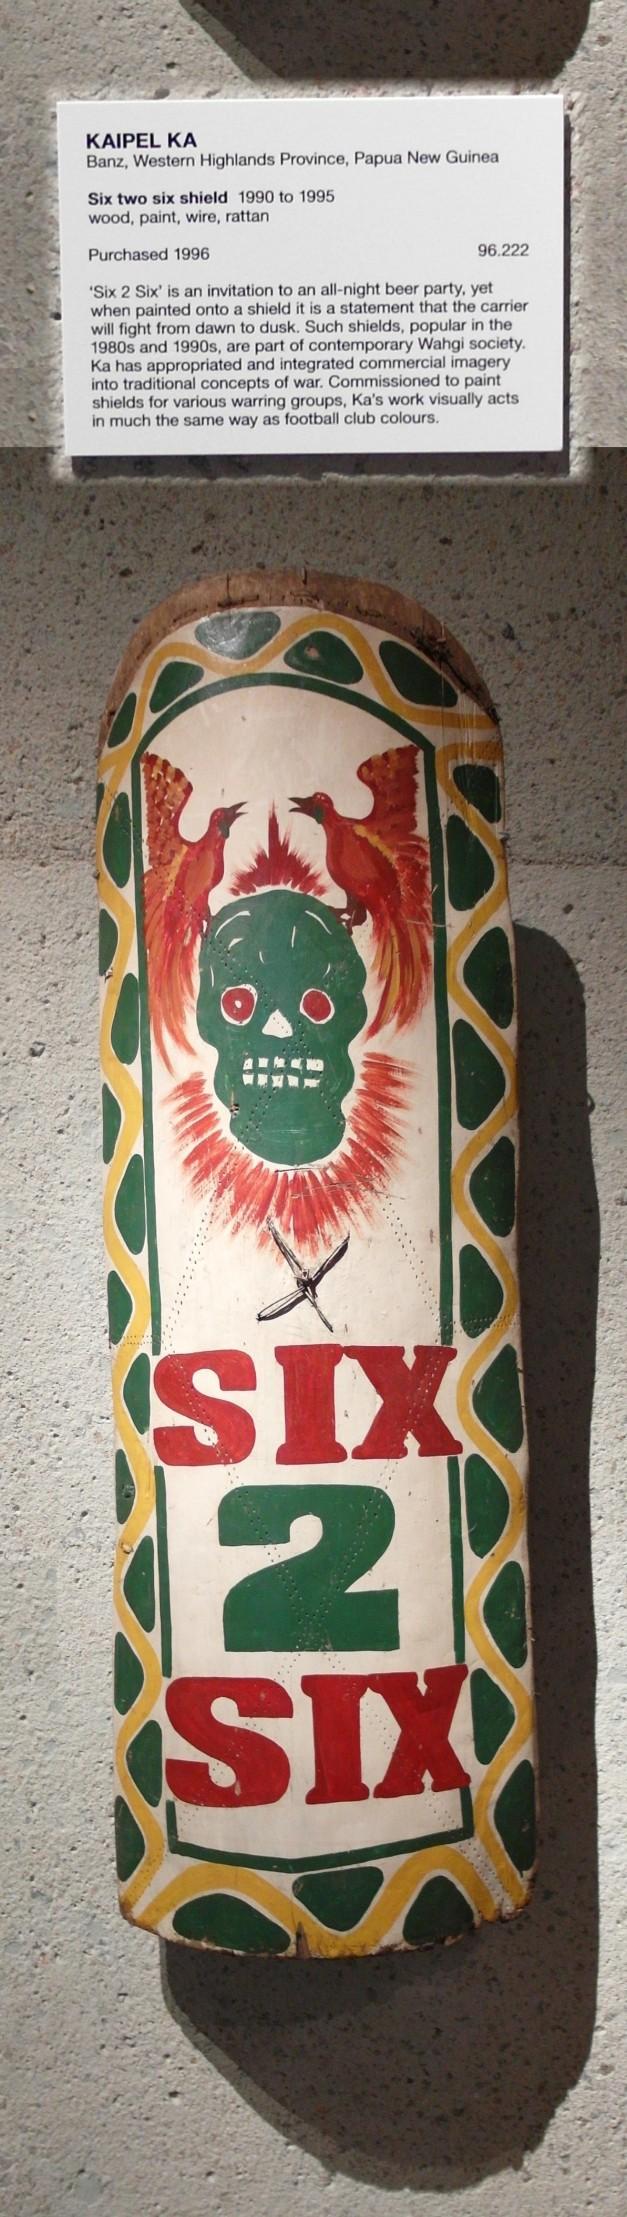 BeerSixToSix-11